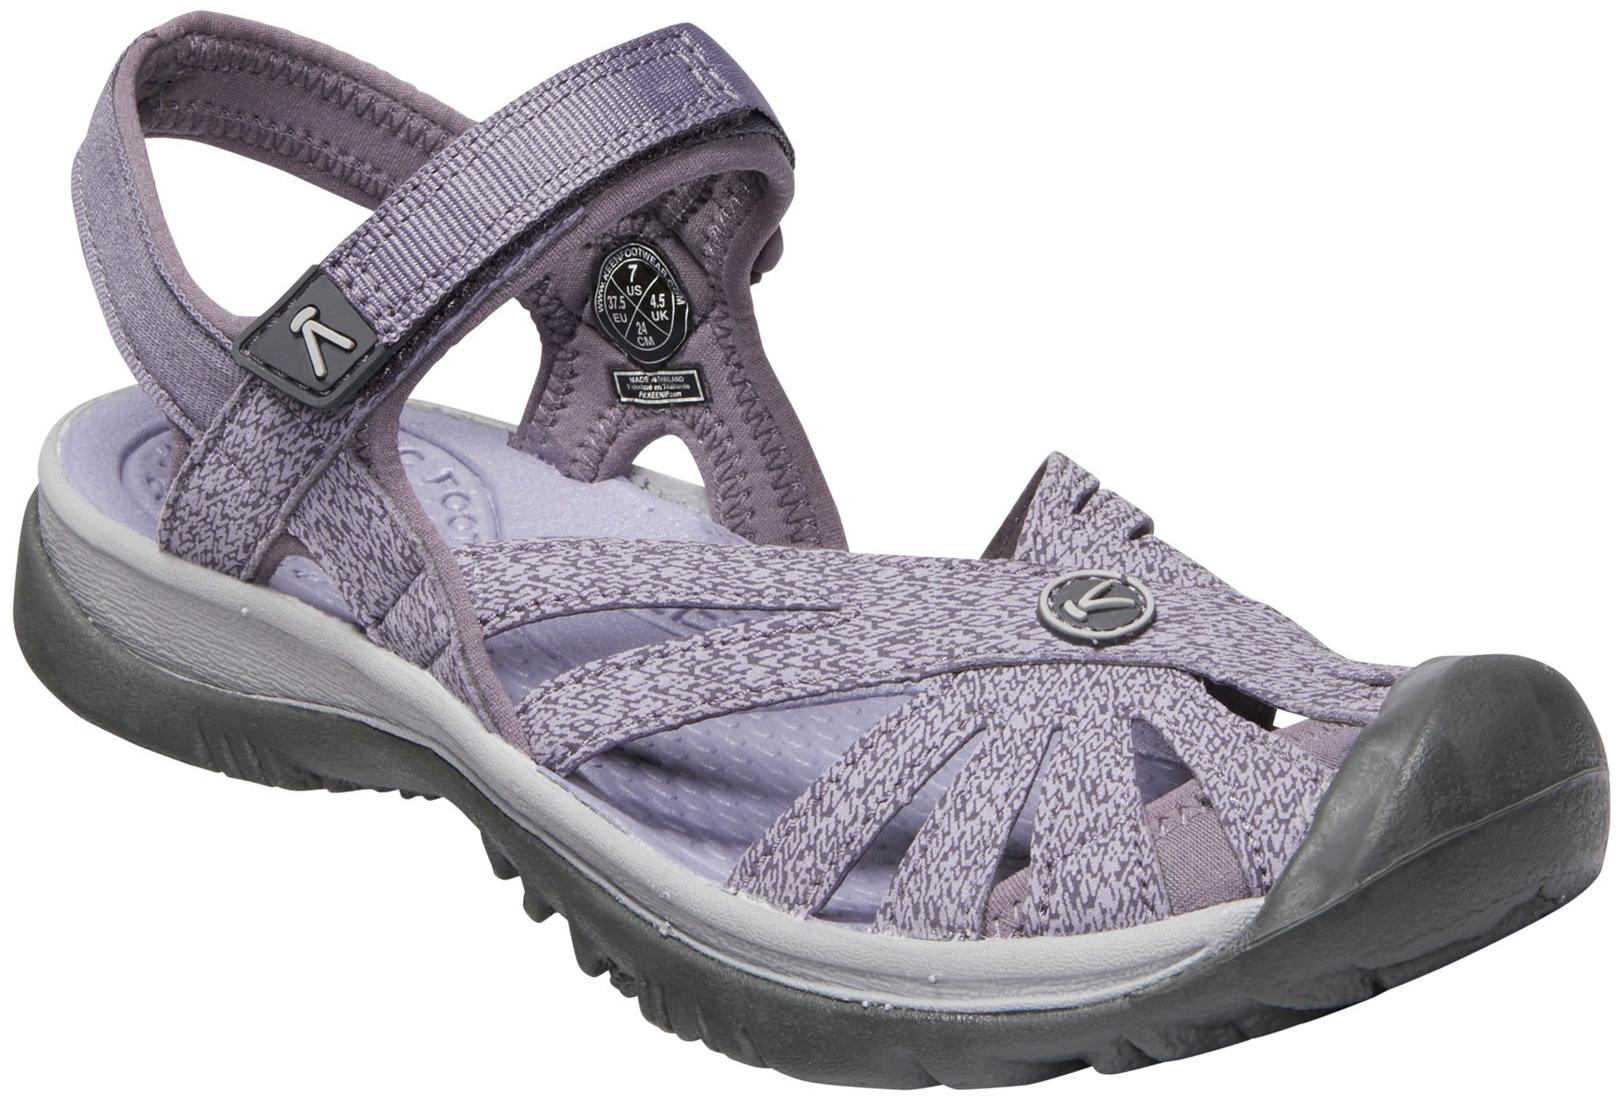 535a7891a03a Sandals